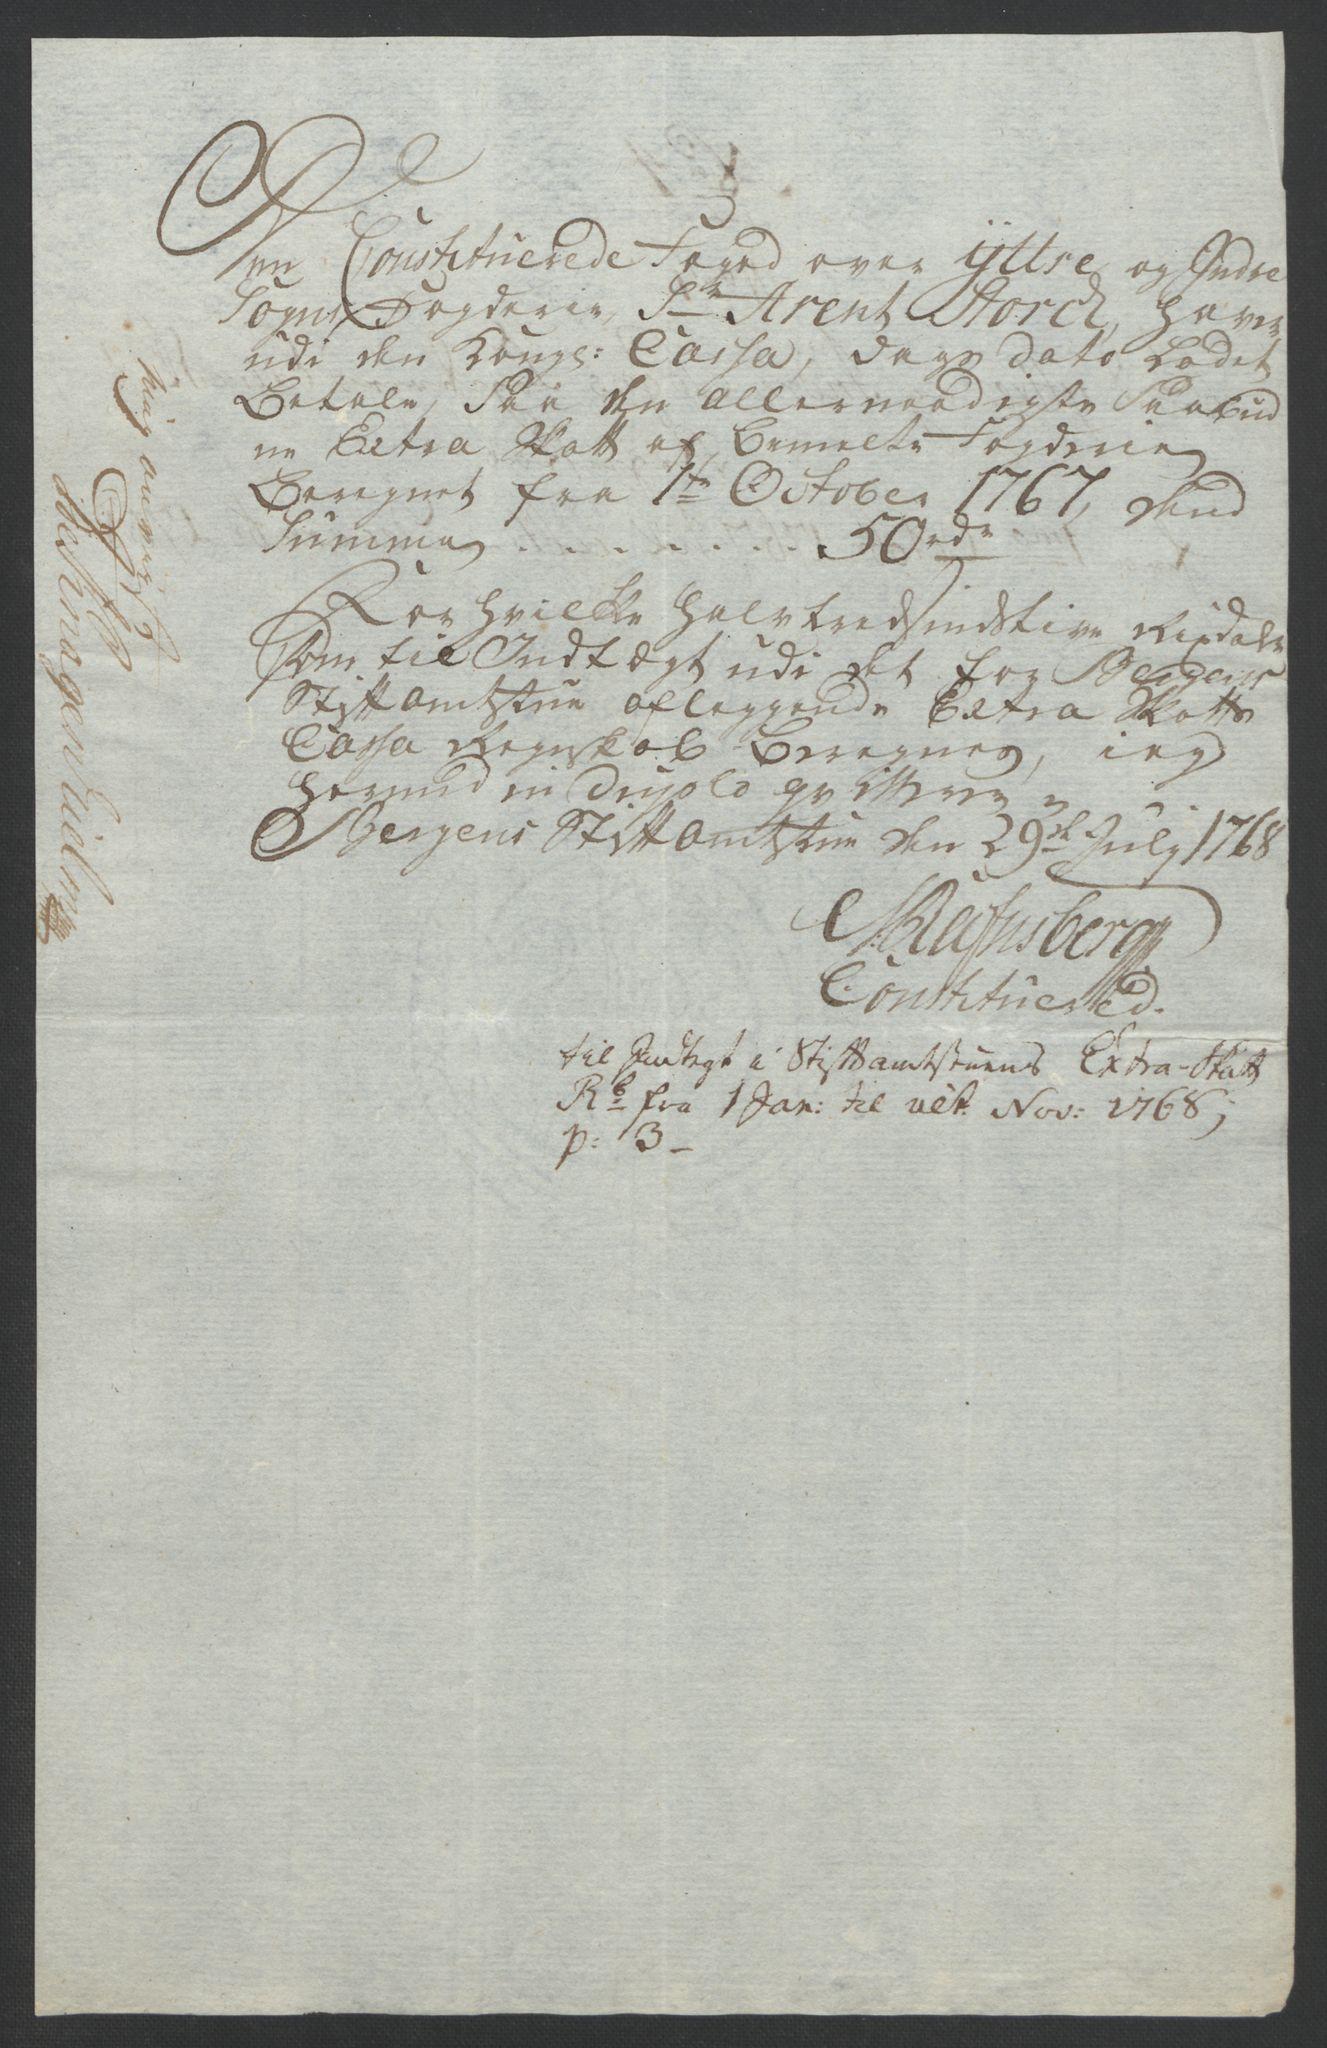 RA, Rentekammeret inntil 1814, Realistisk ordnet avdeling, Ol/L0018: [Gg 10]: Ekstraskatten, 23.09.1762. Sogn, 1762-1772, s. 190